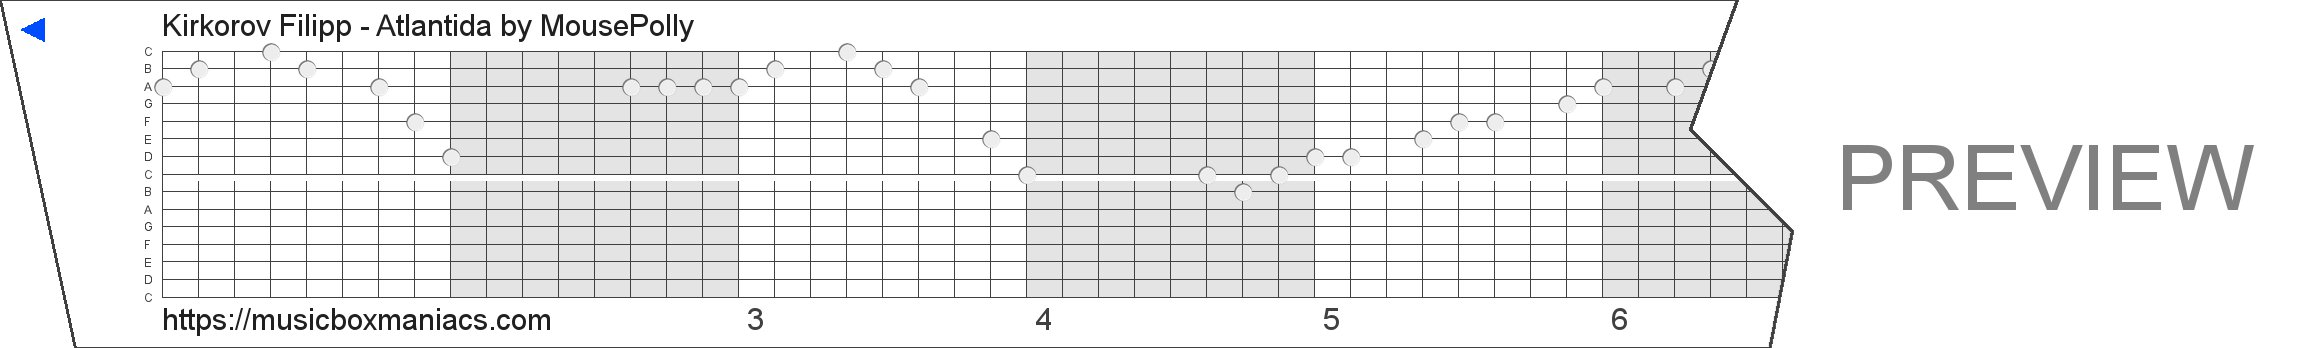 Kirkorov Filipp - Atlantida 15 note music box paper strip